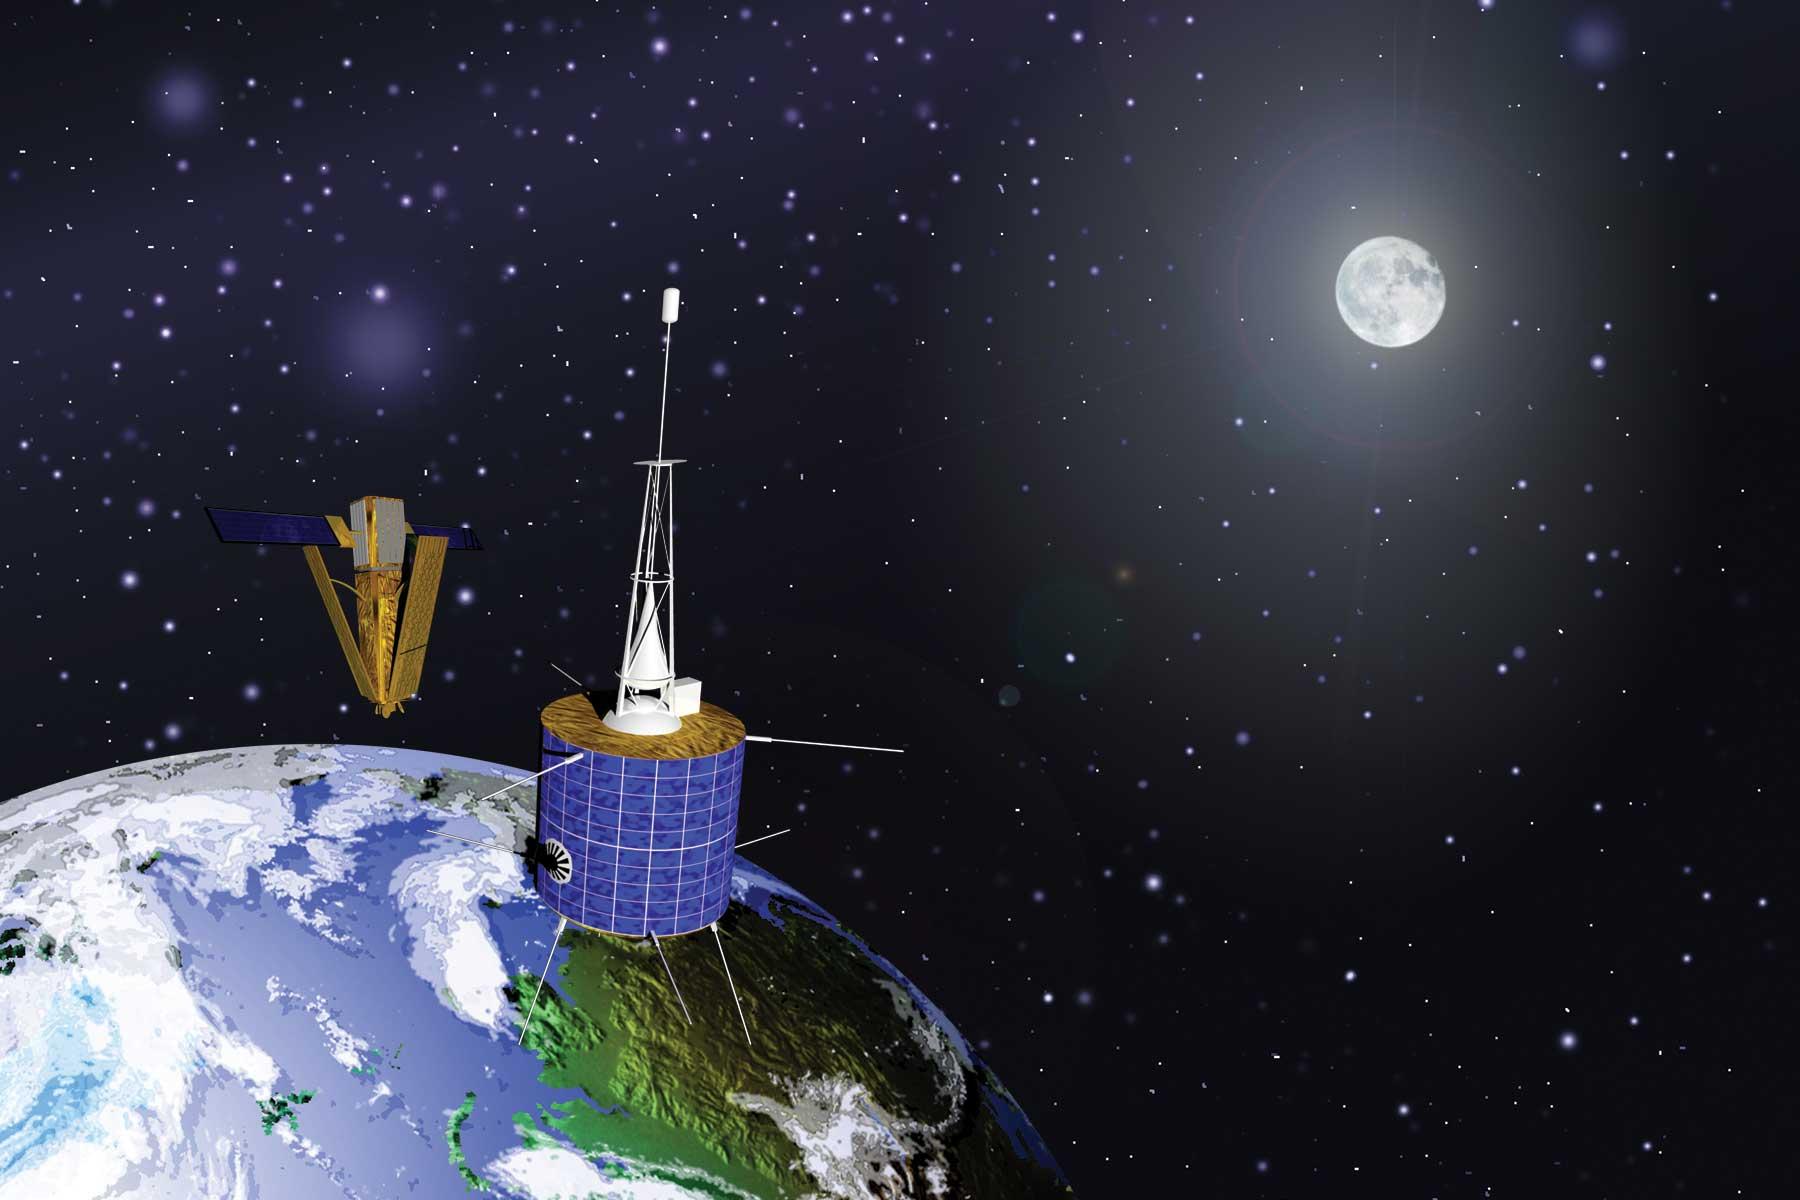 Artist's illustration of February 2009 Satellite Crash